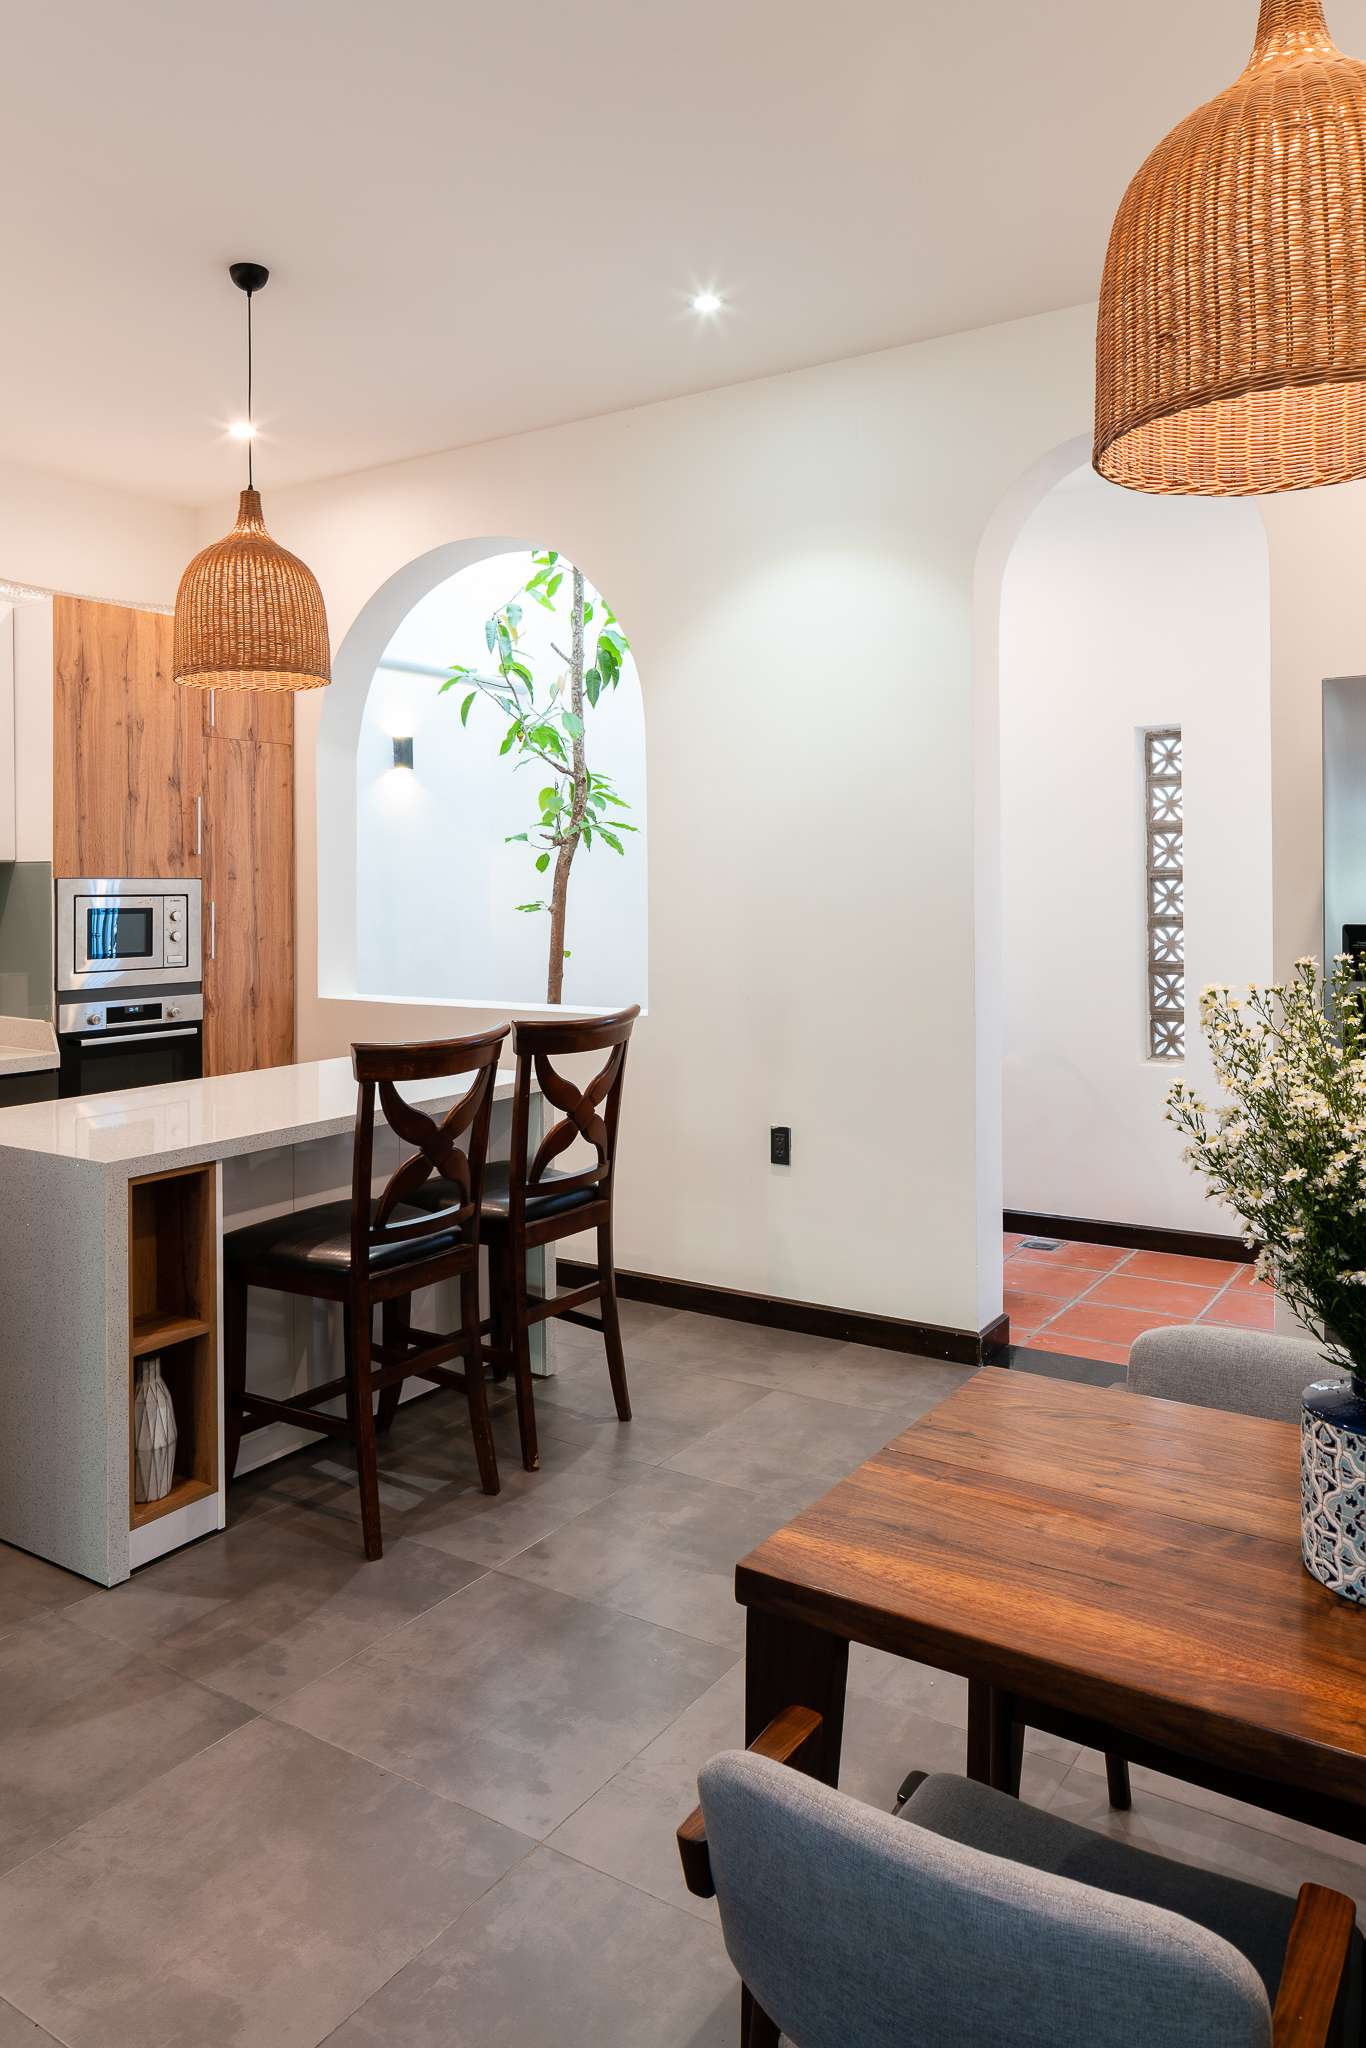 Gạo house - Nhà của Gạo | Giếng trời được bố trí trong phòng bếp